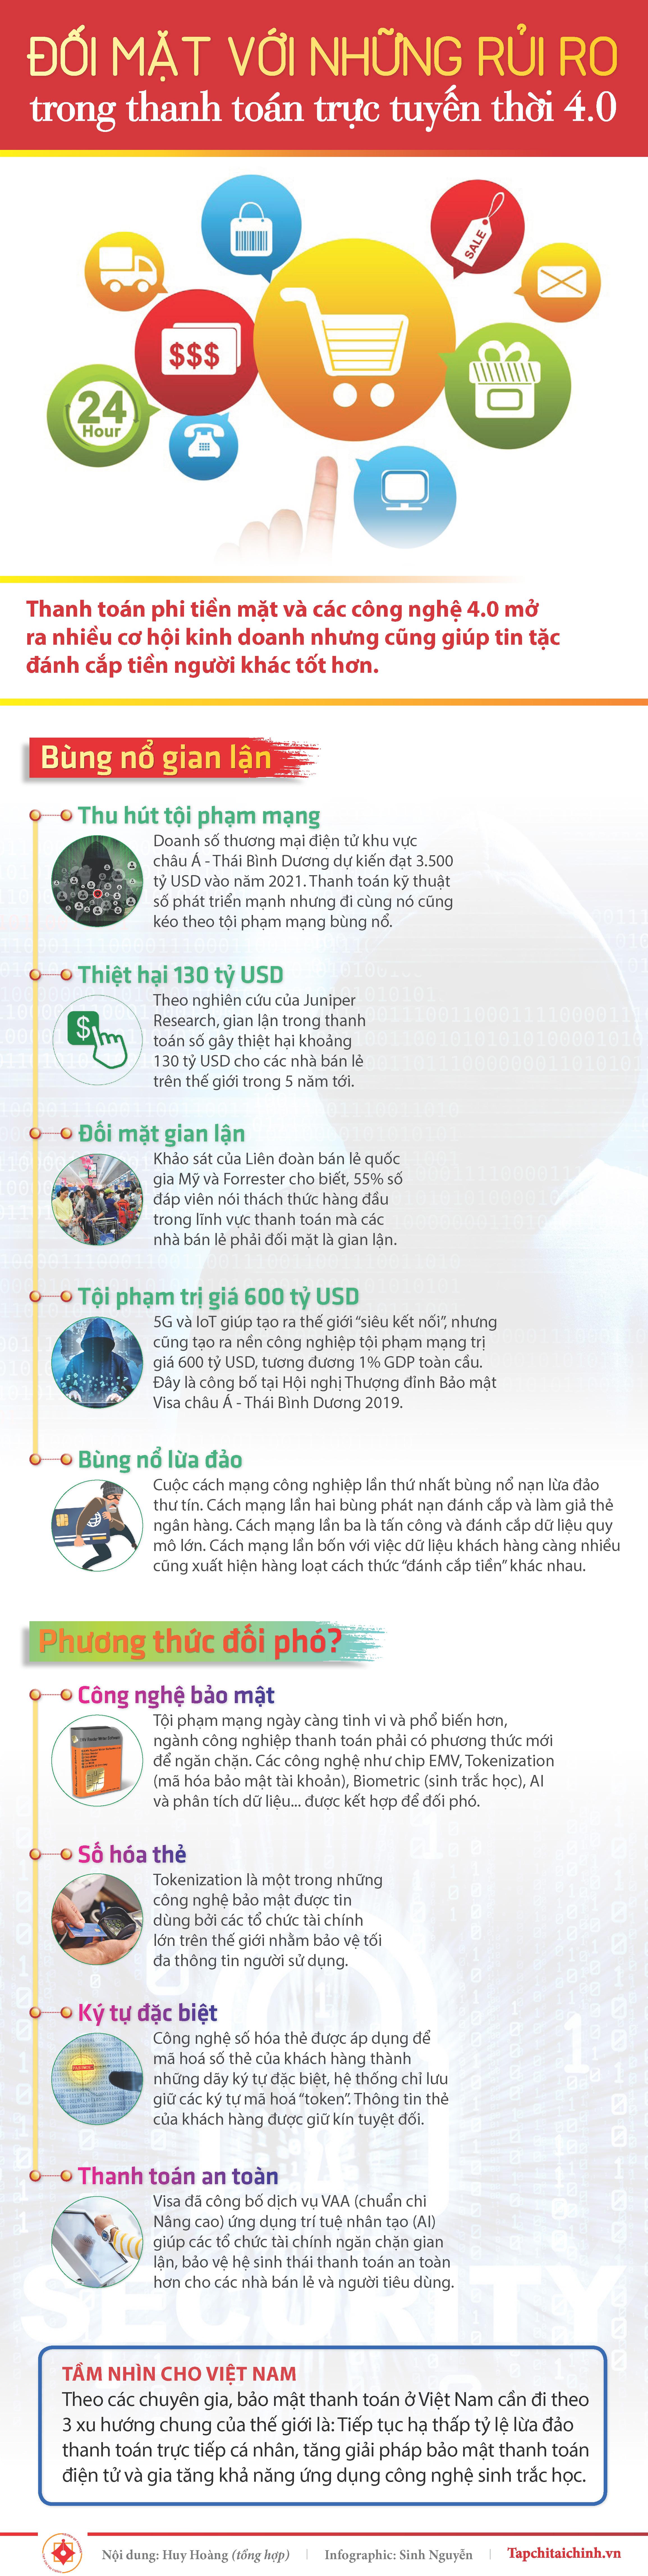 [Infographic] Đối mặt với những rủi ro trong thanh toán trực tuyến thời 4.0 - Ảnh 1